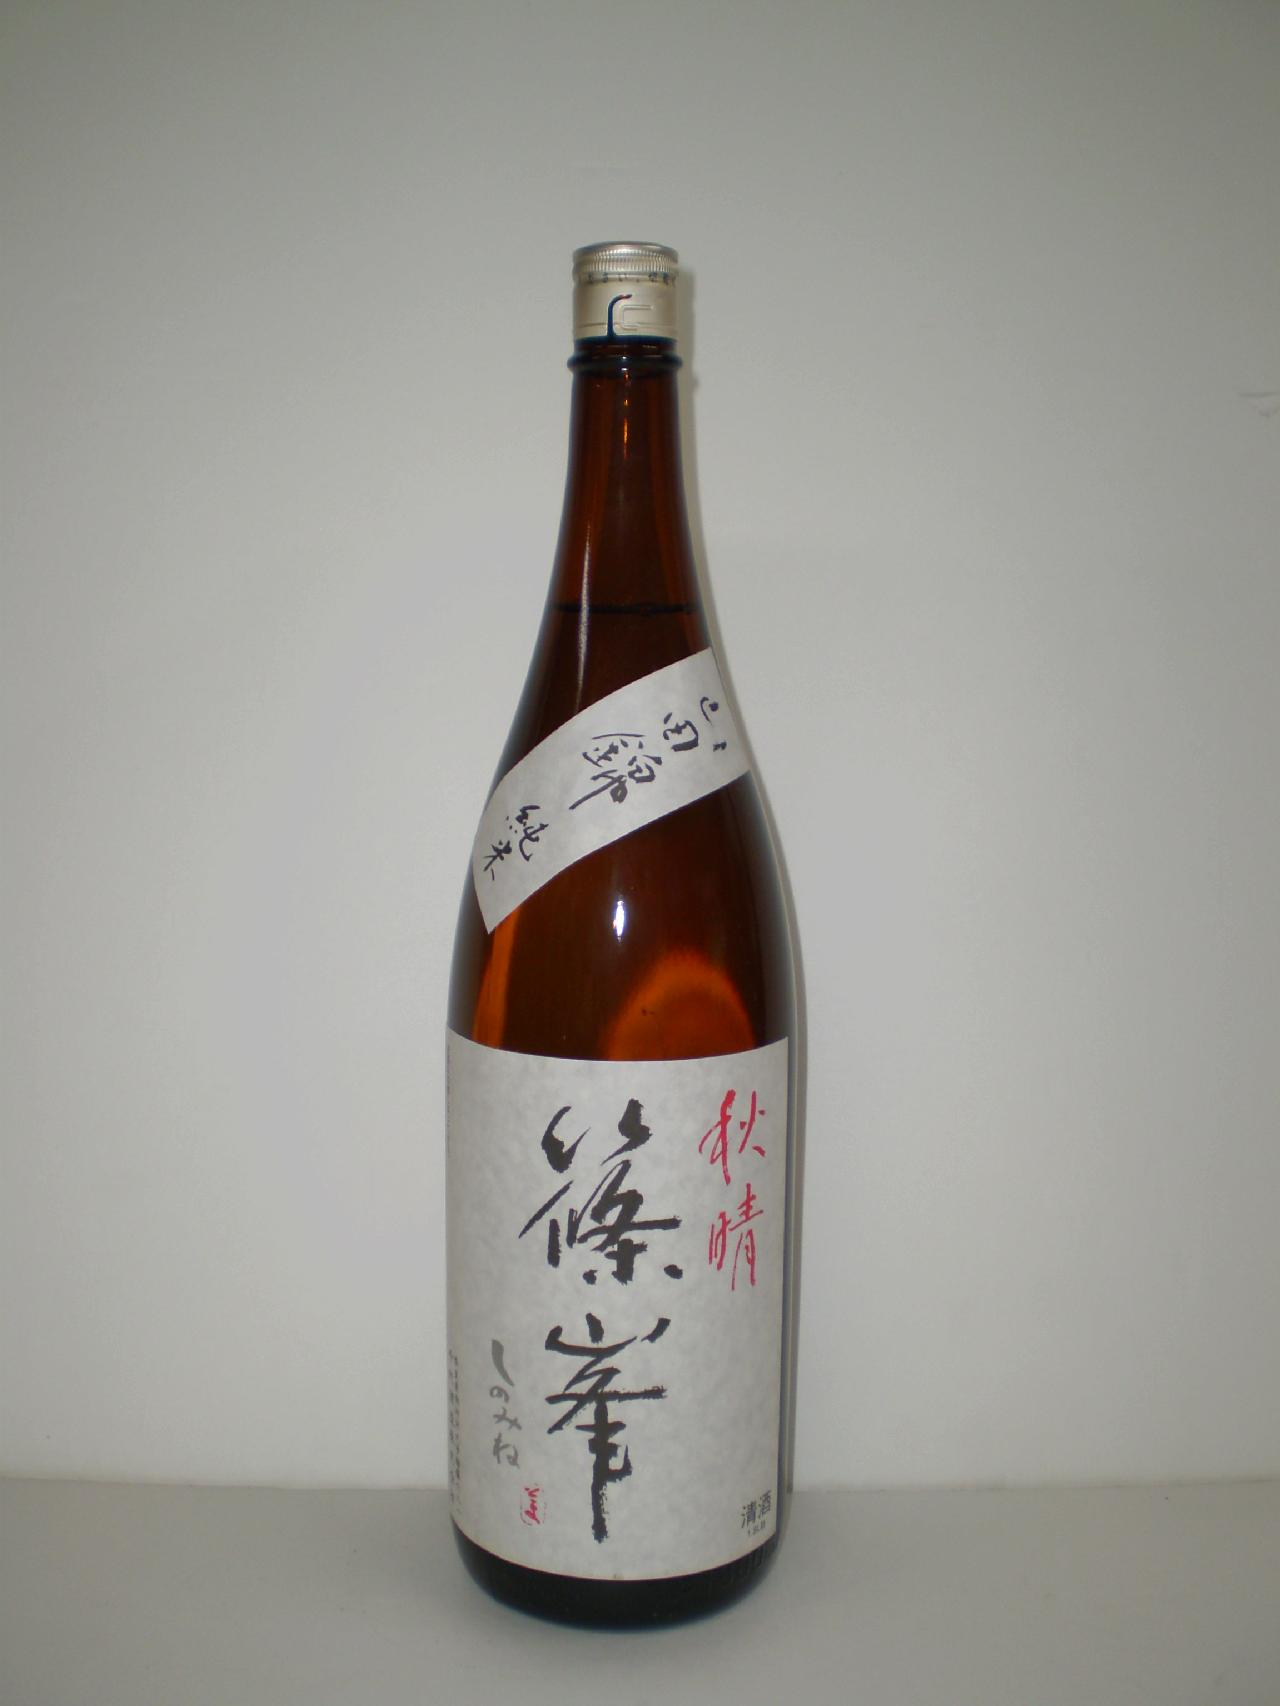 篠峯 秋晴 純米原酒 1800ml 千代酒造